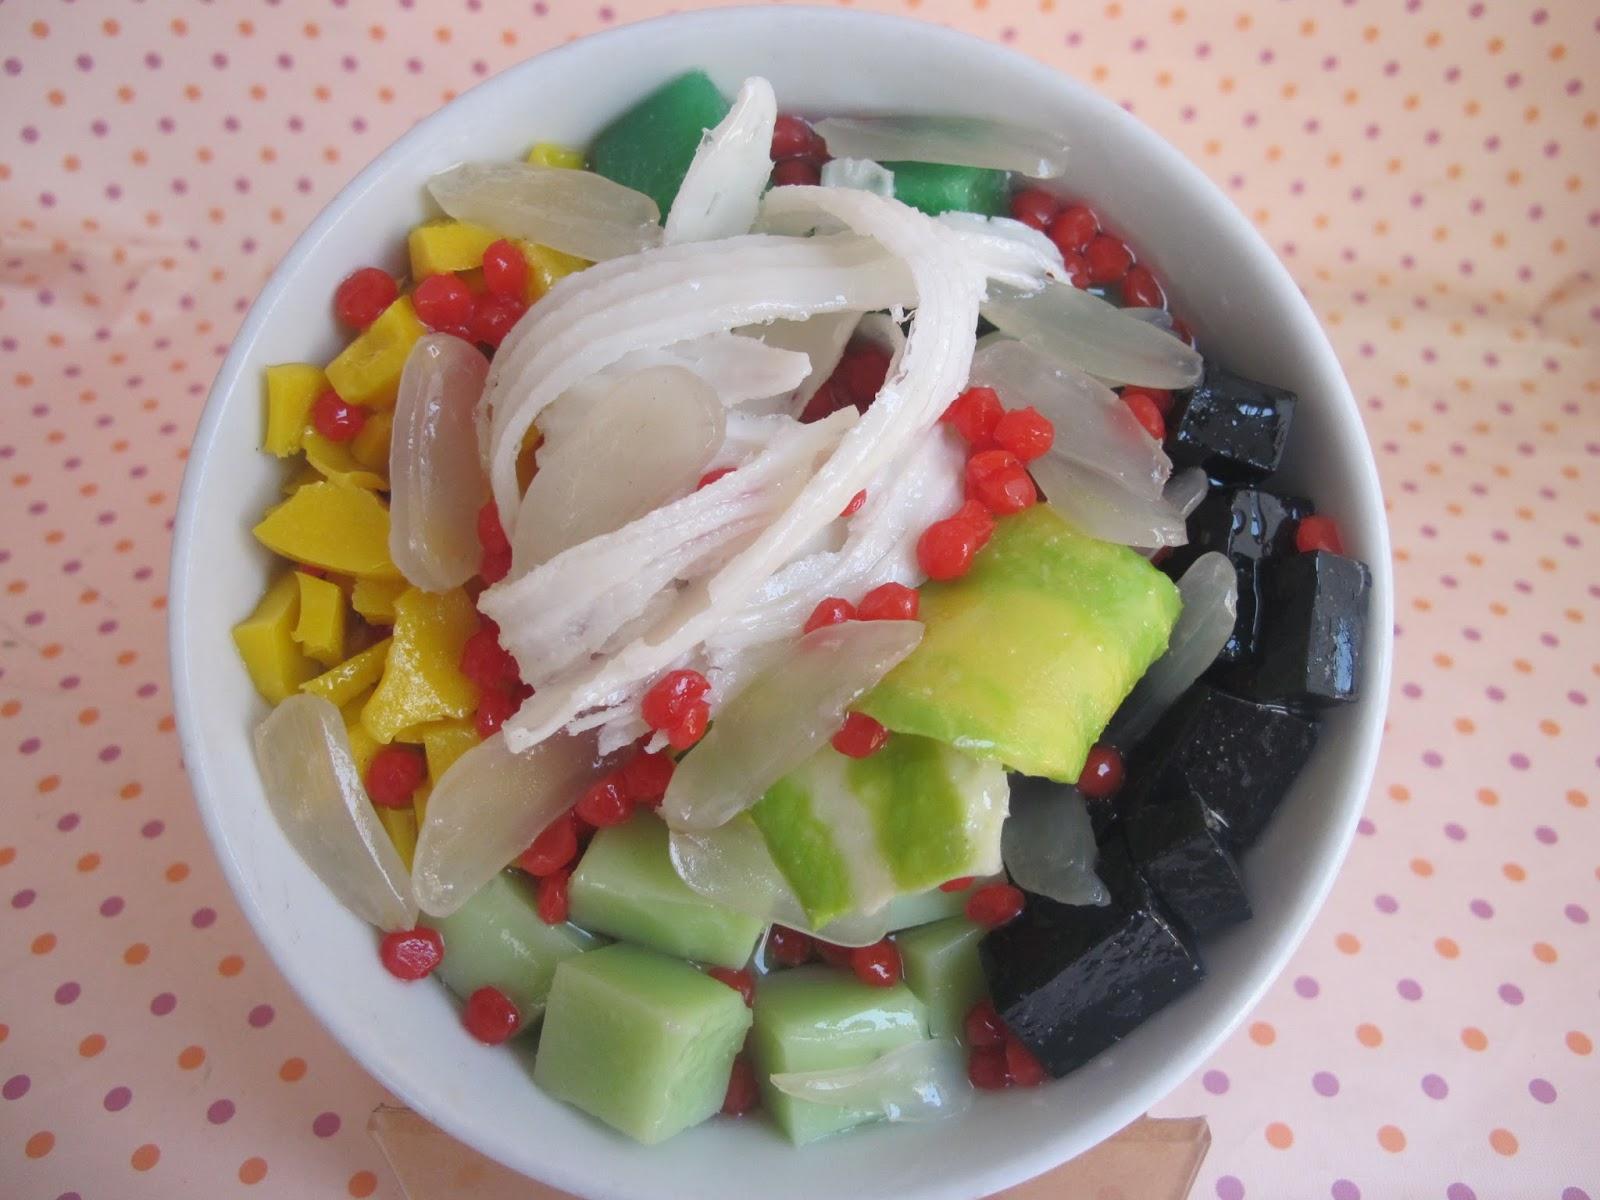 Resep Cake Kukus Untuk Jualan: 8 Resep Es Campur Nikmat Dan Segar (Bisa Untuk Jualan Atau